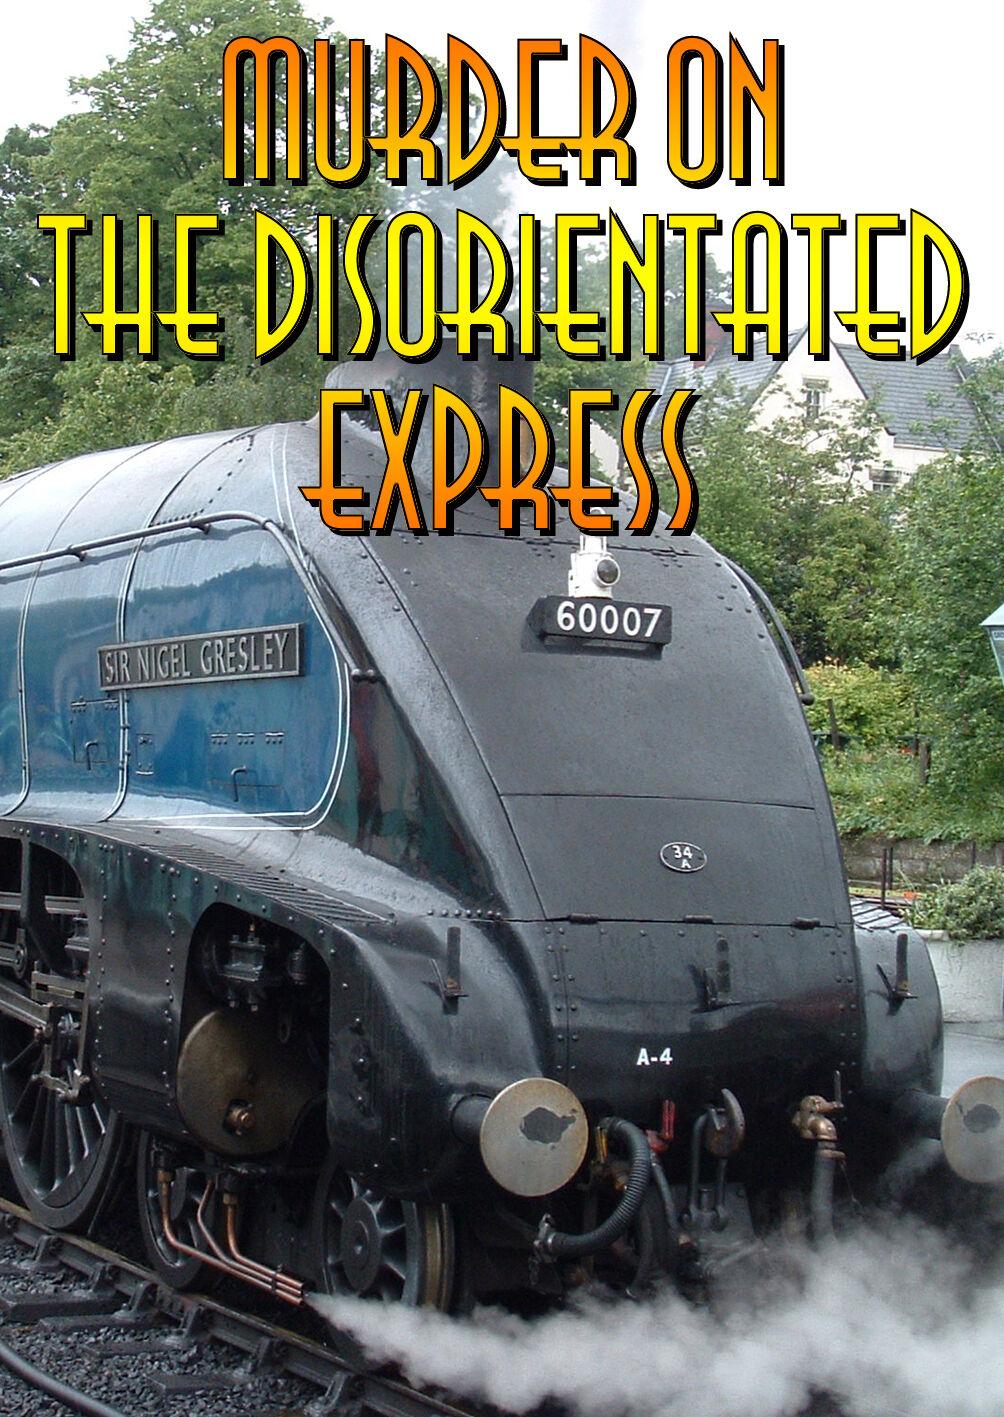 Murder On The Desorientado Express 6 , 8 , 10 , 12 Juegos Jugador